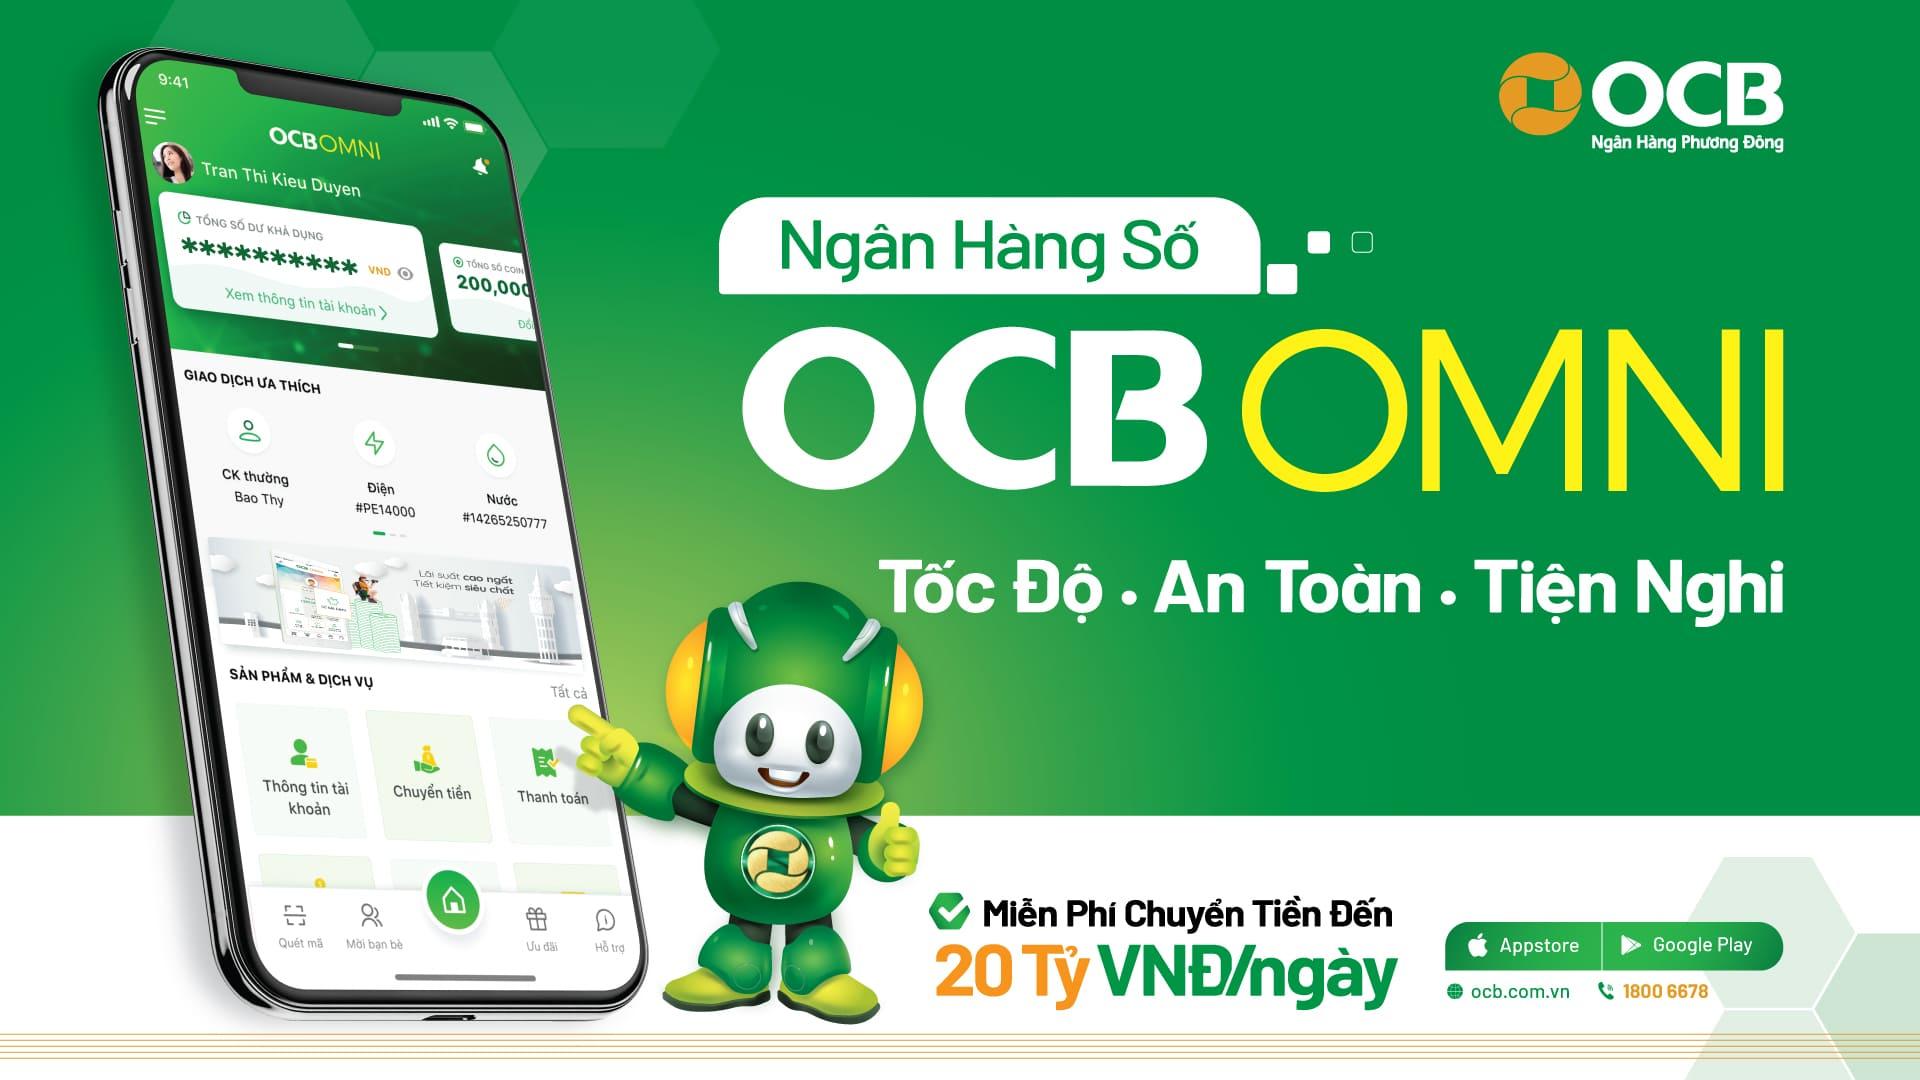 ngân hàng số OCB OMNI